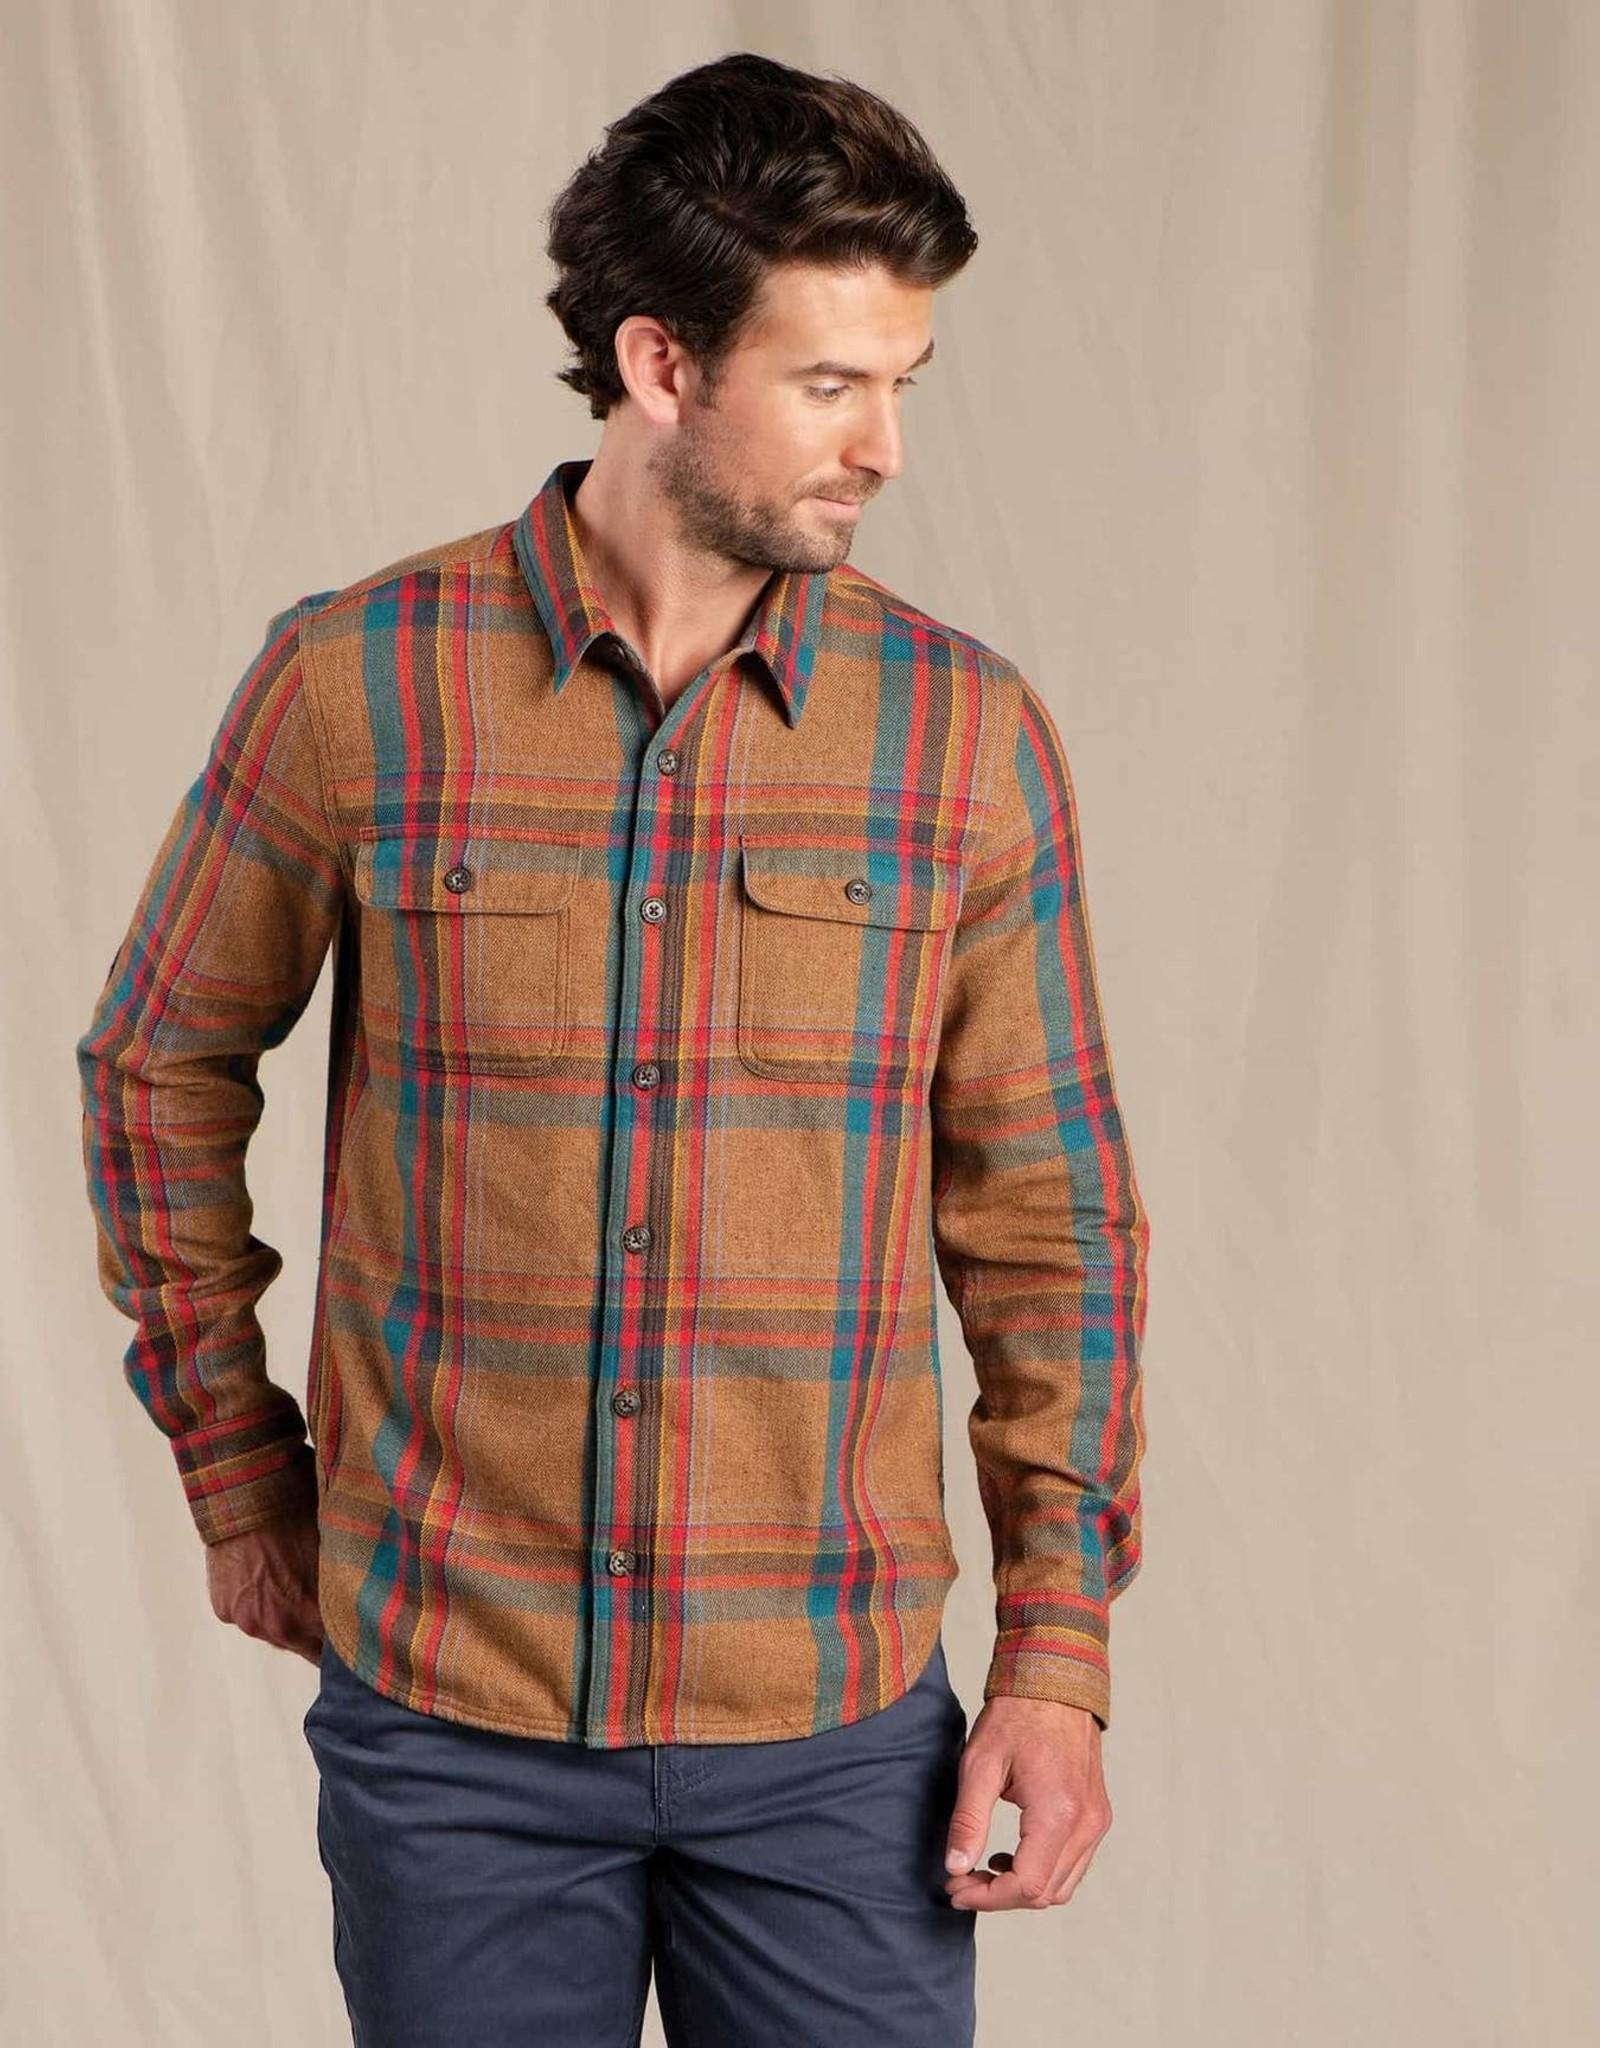 Toad & Co Ranchero Shirt - Brown Sugar